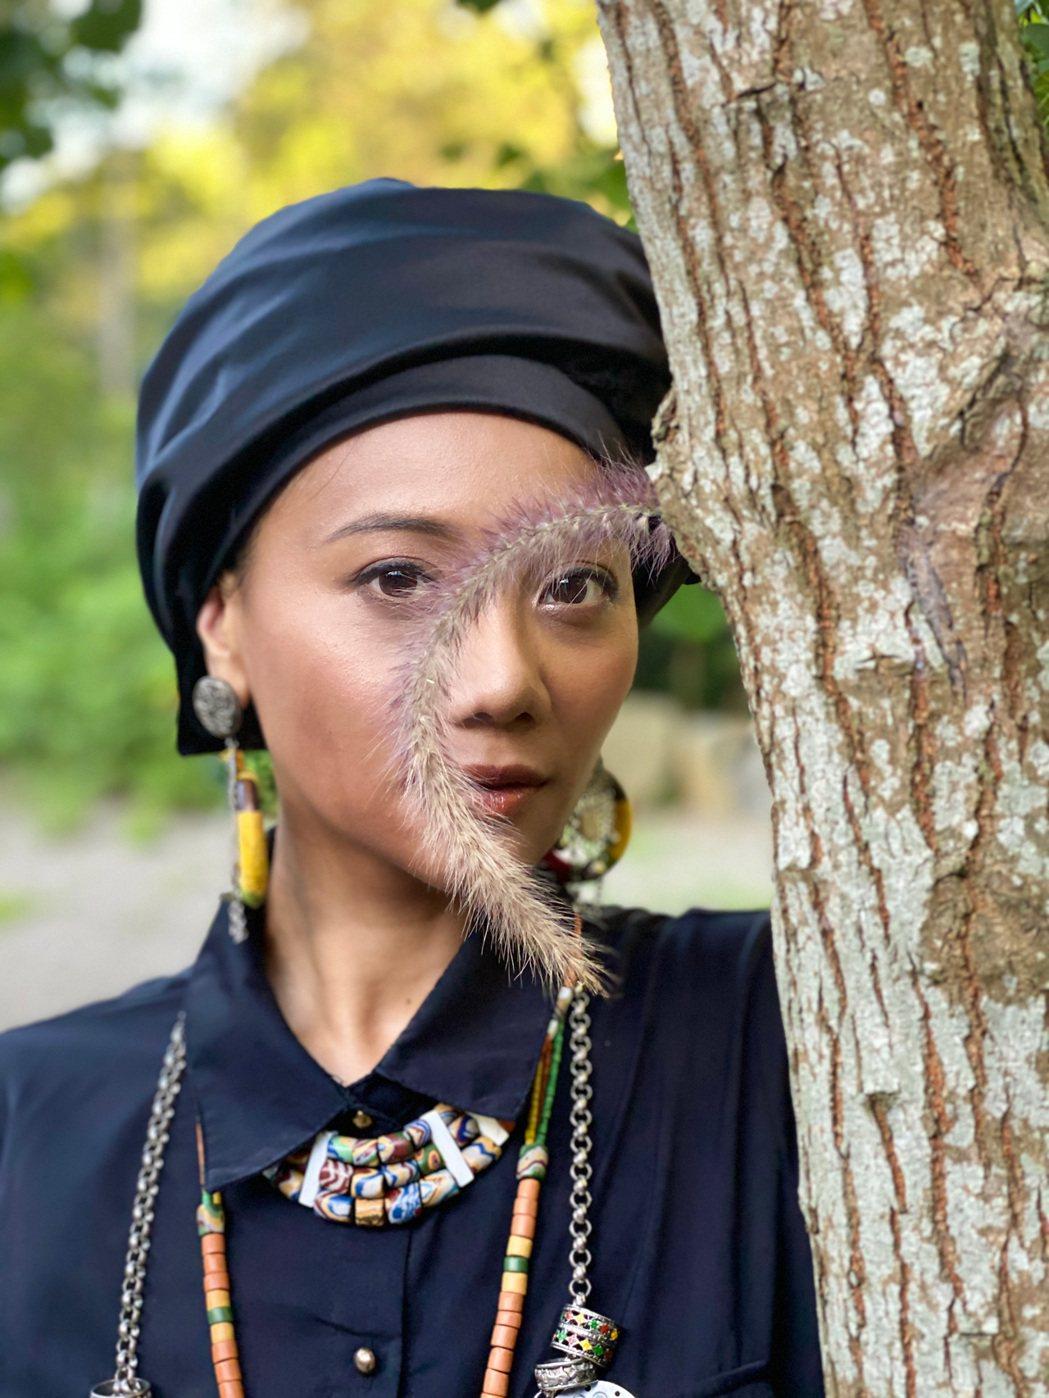 阿爆(阿仍仍)是第31屆金曲獎入圍大贏家。圖/那屋化文化提供